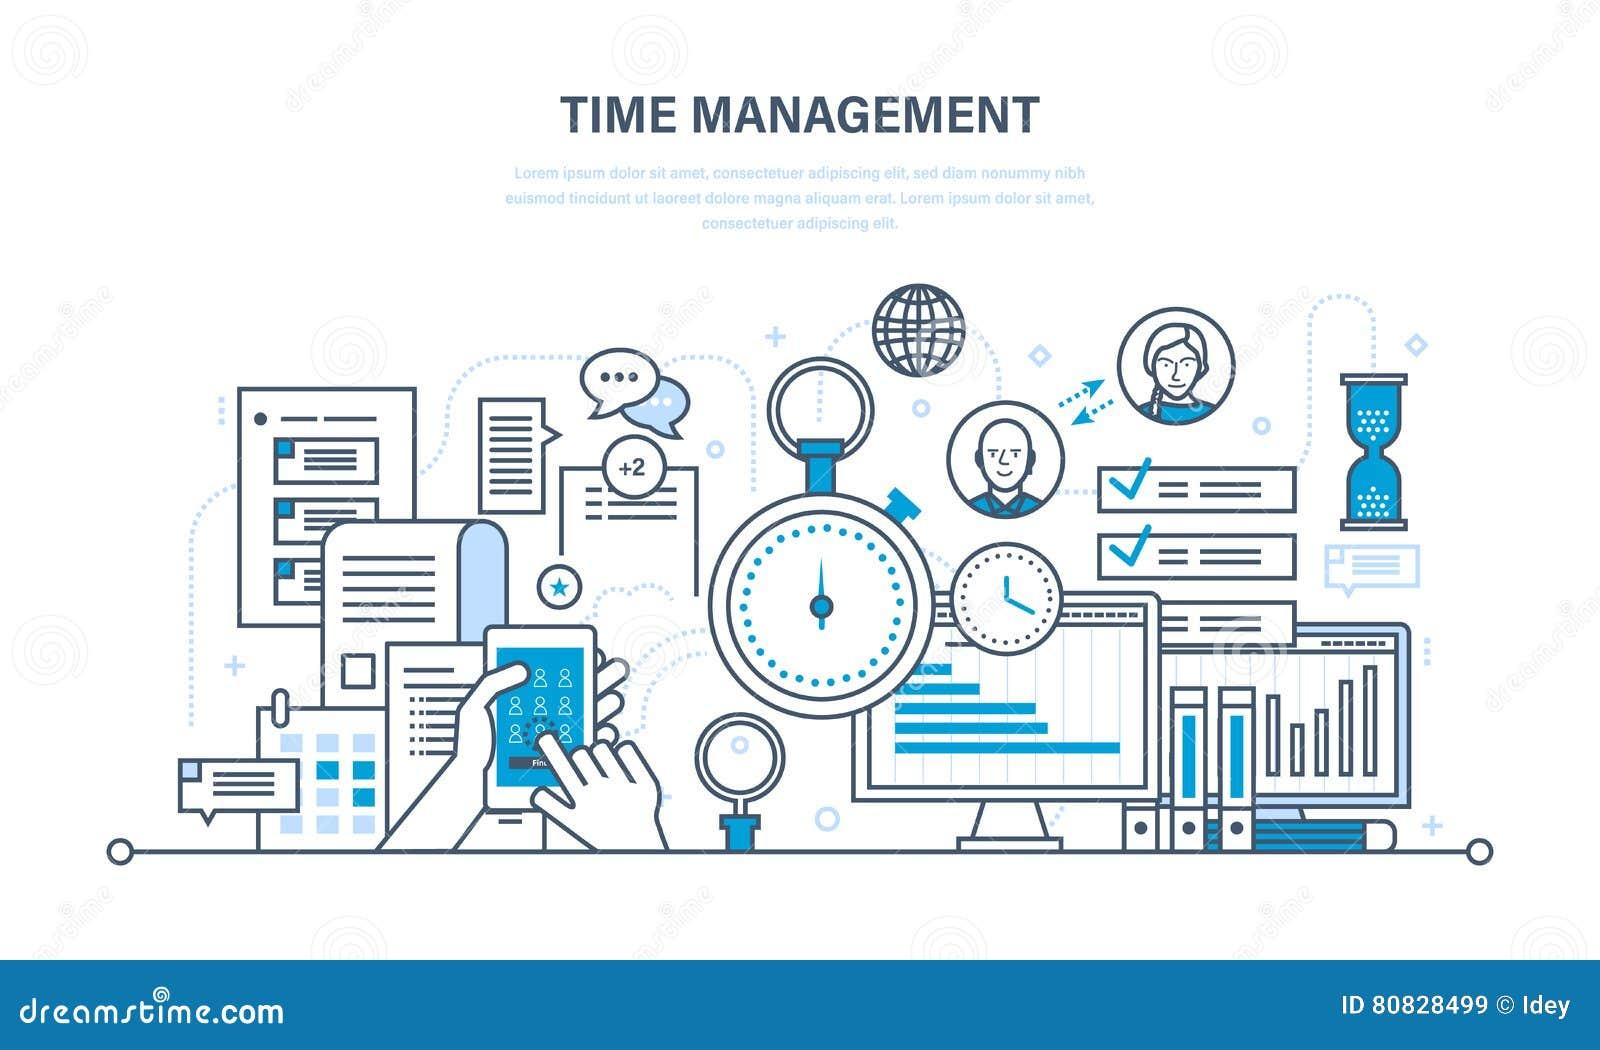 Контроль времени, планирование, организация работы, управления производственным процессом работы